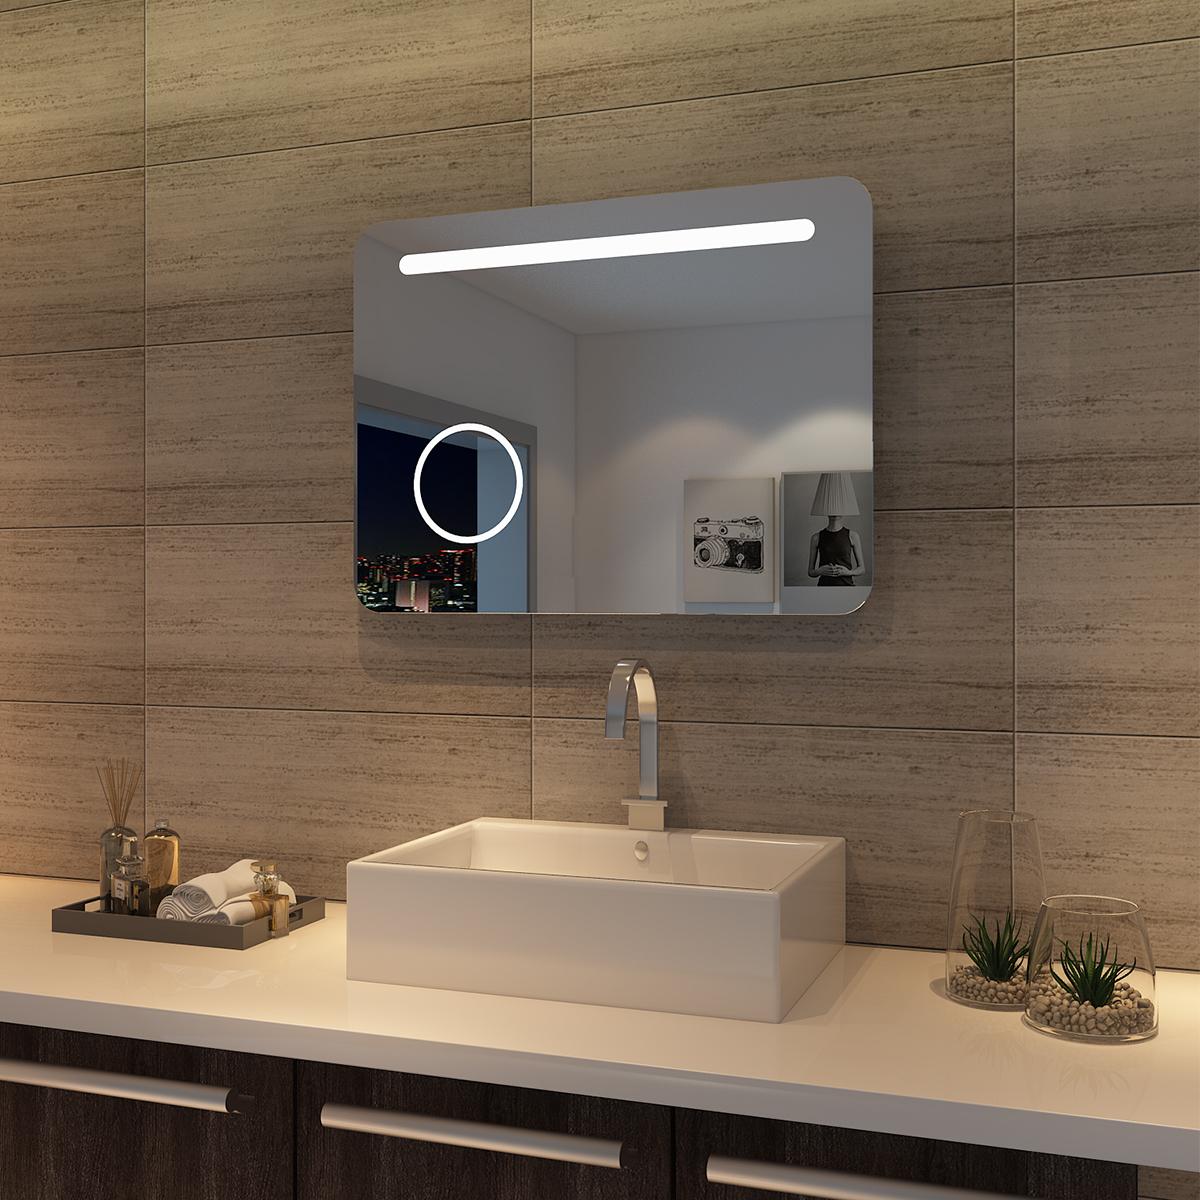 LED Bad Spiegel Badezimmer Lichtspiegel Badspiegel mit ...